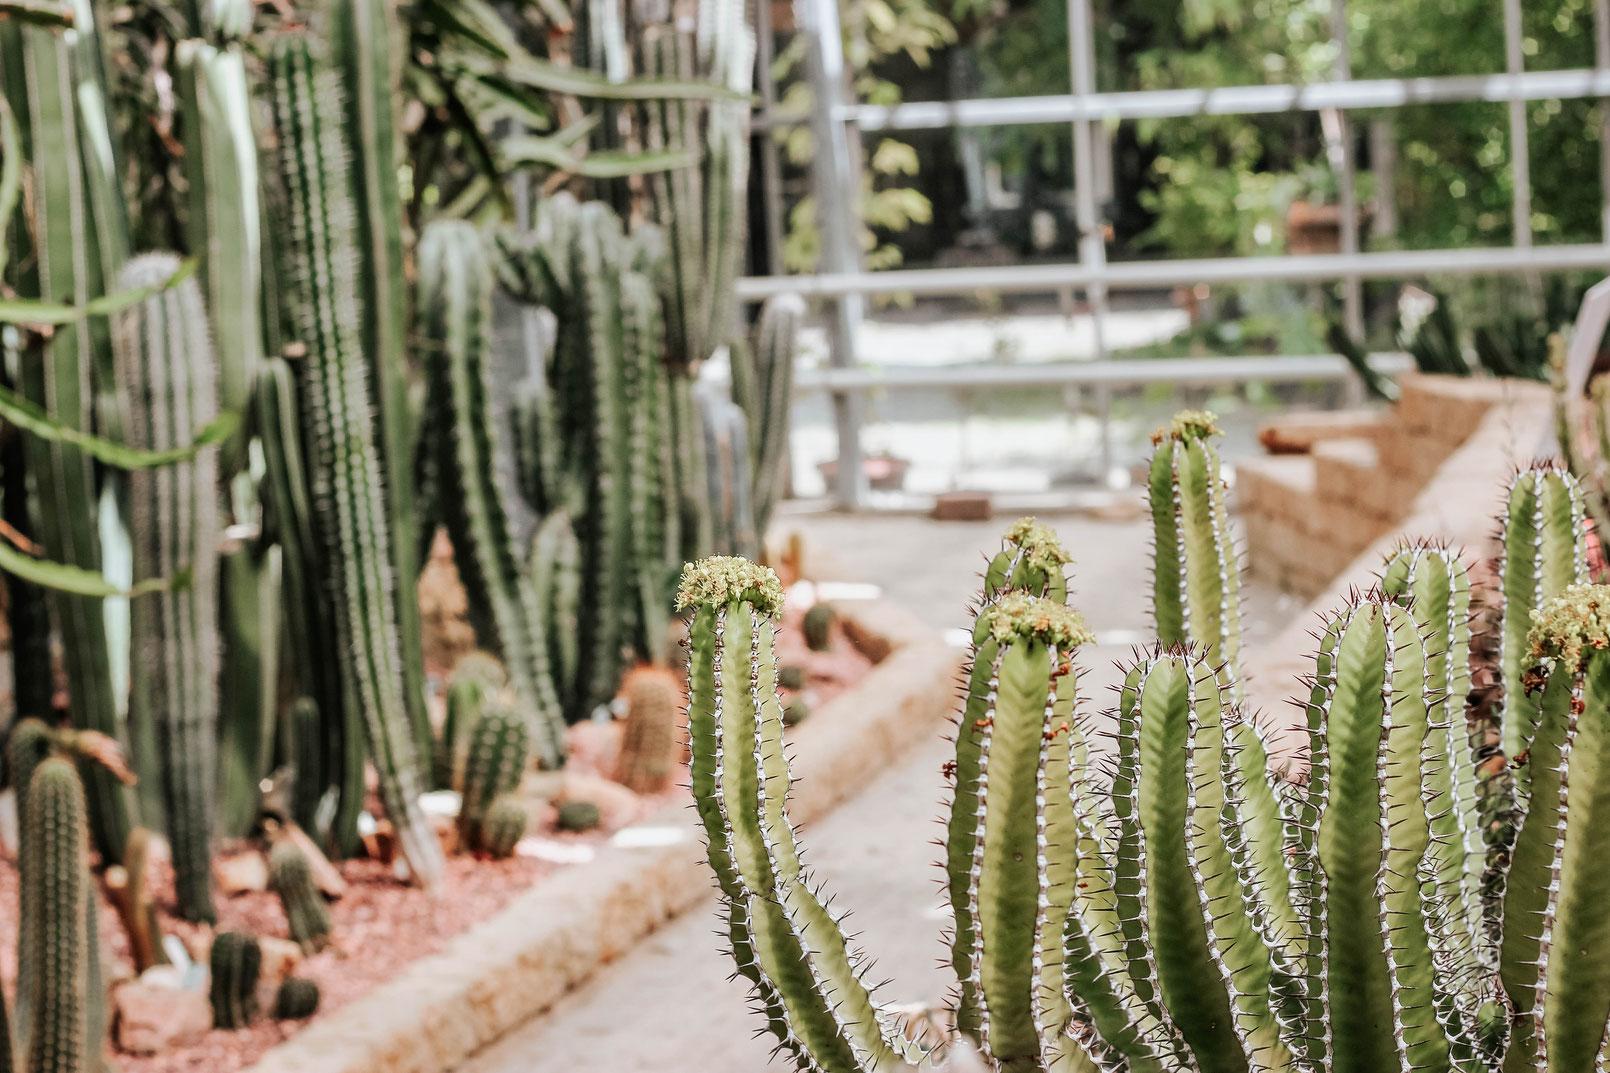 Heizmatten zur Anzucht von Pflanzen - Die Heizmatte von Riogoo verwenden wir selbst und sind absolut begeistert. Wir haben bereits einige ausprobiert und hatten oft das Problem, dass andere Heizmatten zu dick und unflexibel war